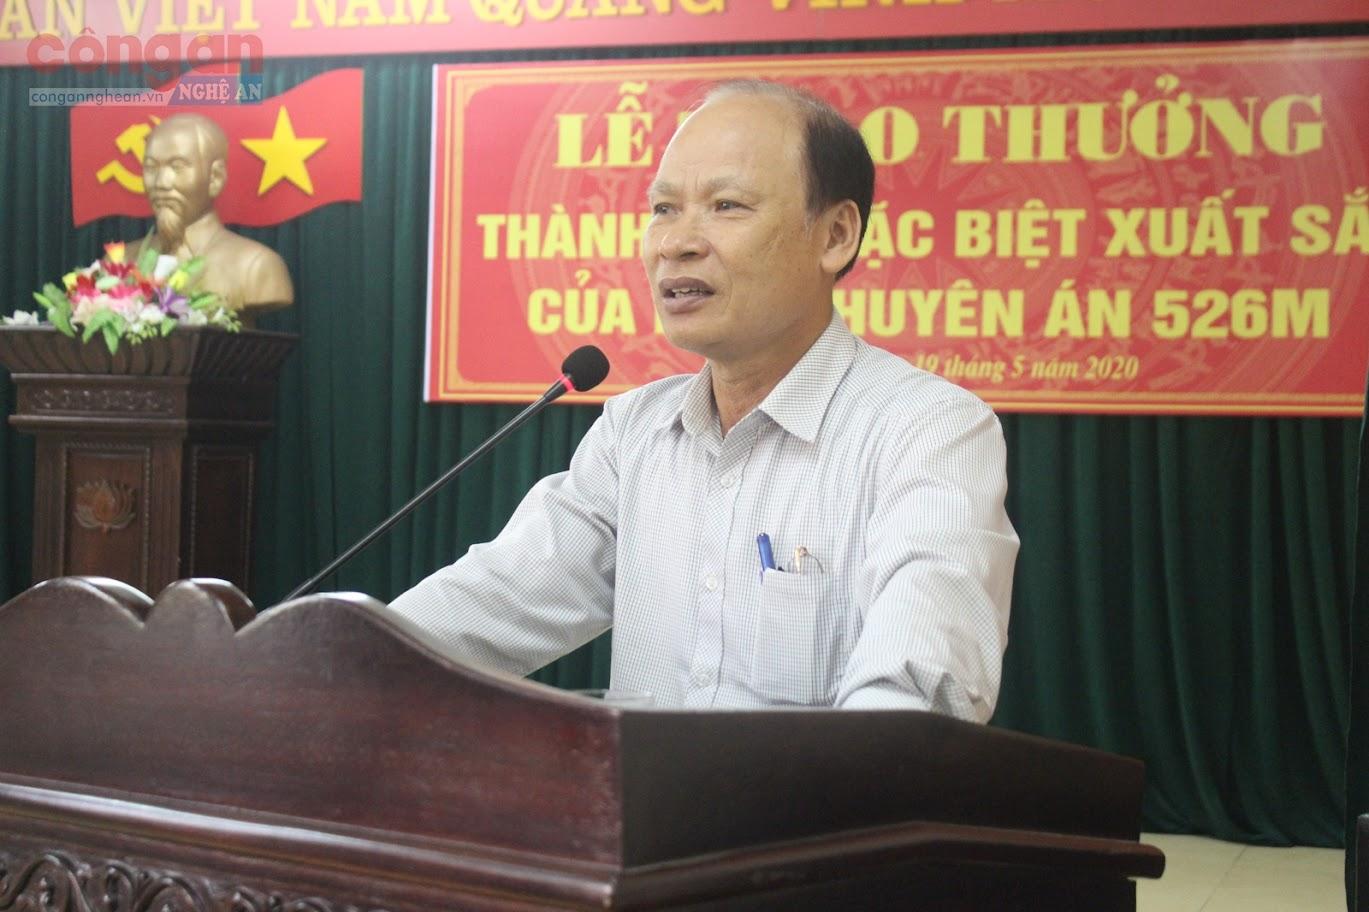 Đồng chí Hoàng Văn Phi, Bí thư Huyện ủy đánh giá cao tinh thần mưu trí, dũng cảm, đấu tranh không khoan nhượng của lực lượng phá án